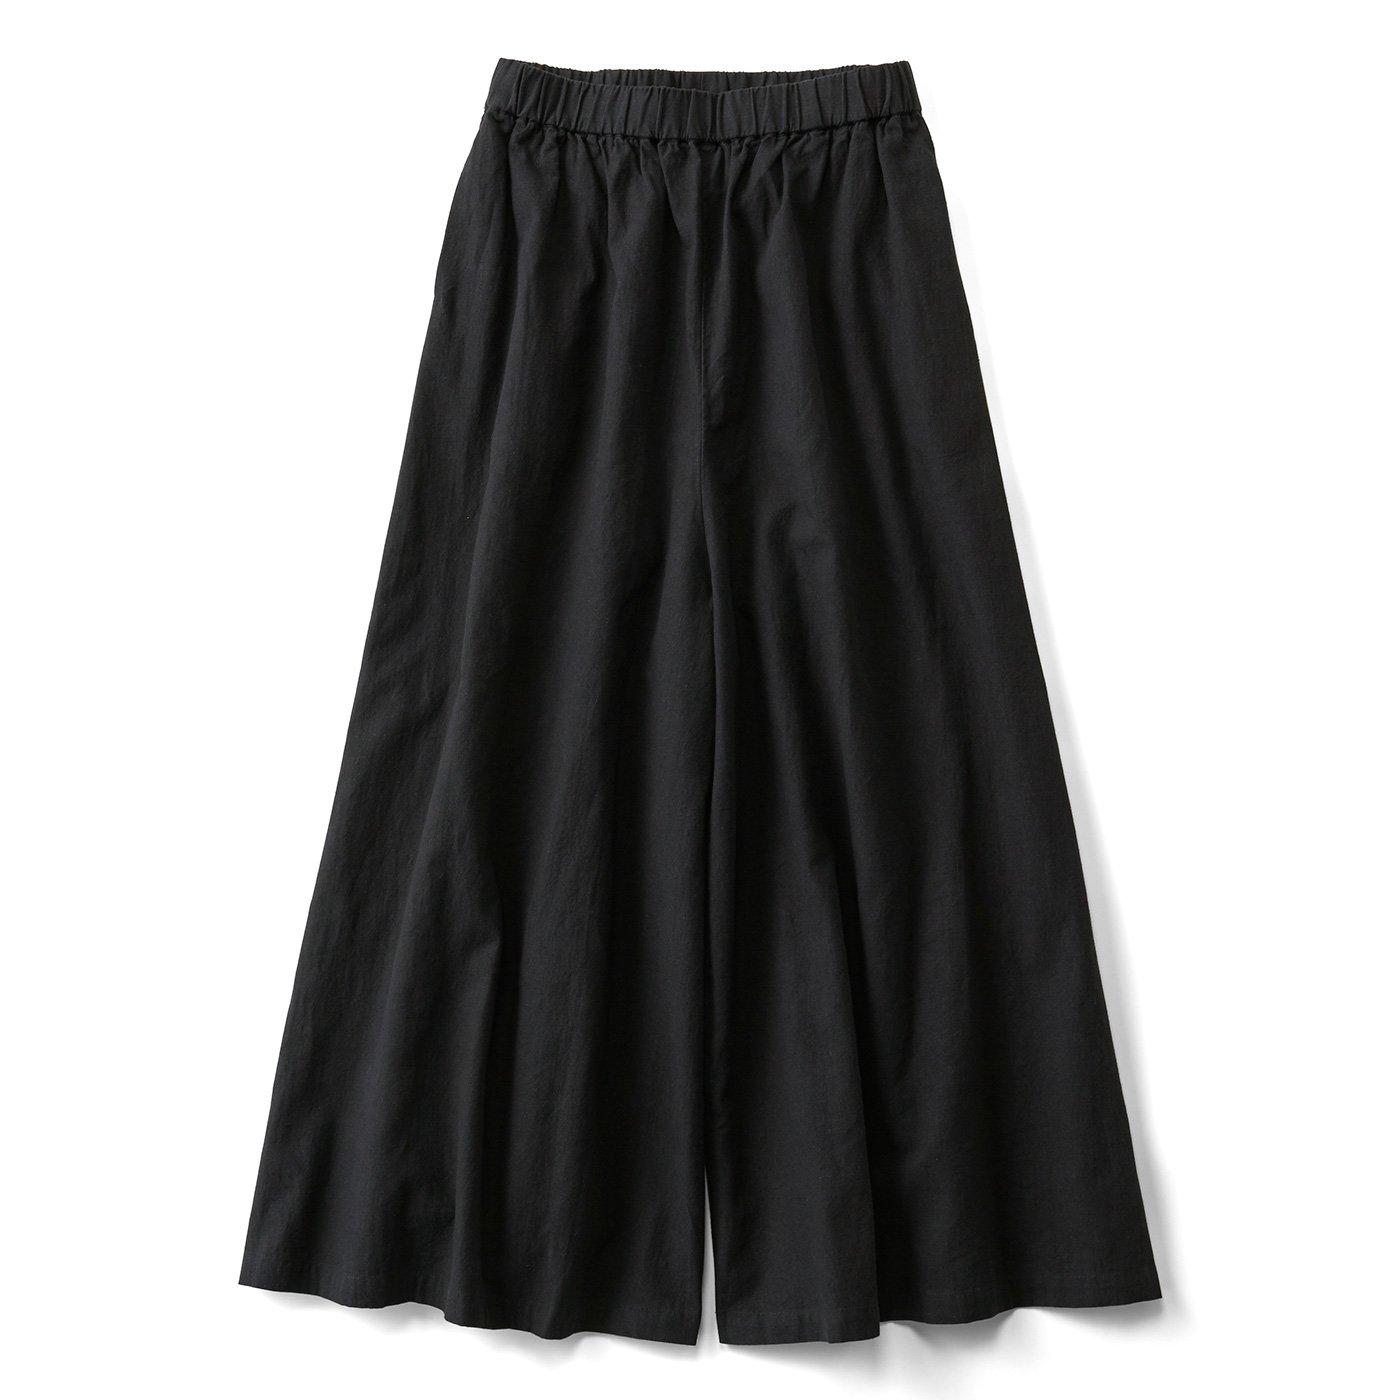 THREE FIFTY STANDARD スカートみたいな麻混ワイドパンツ〈黒〉